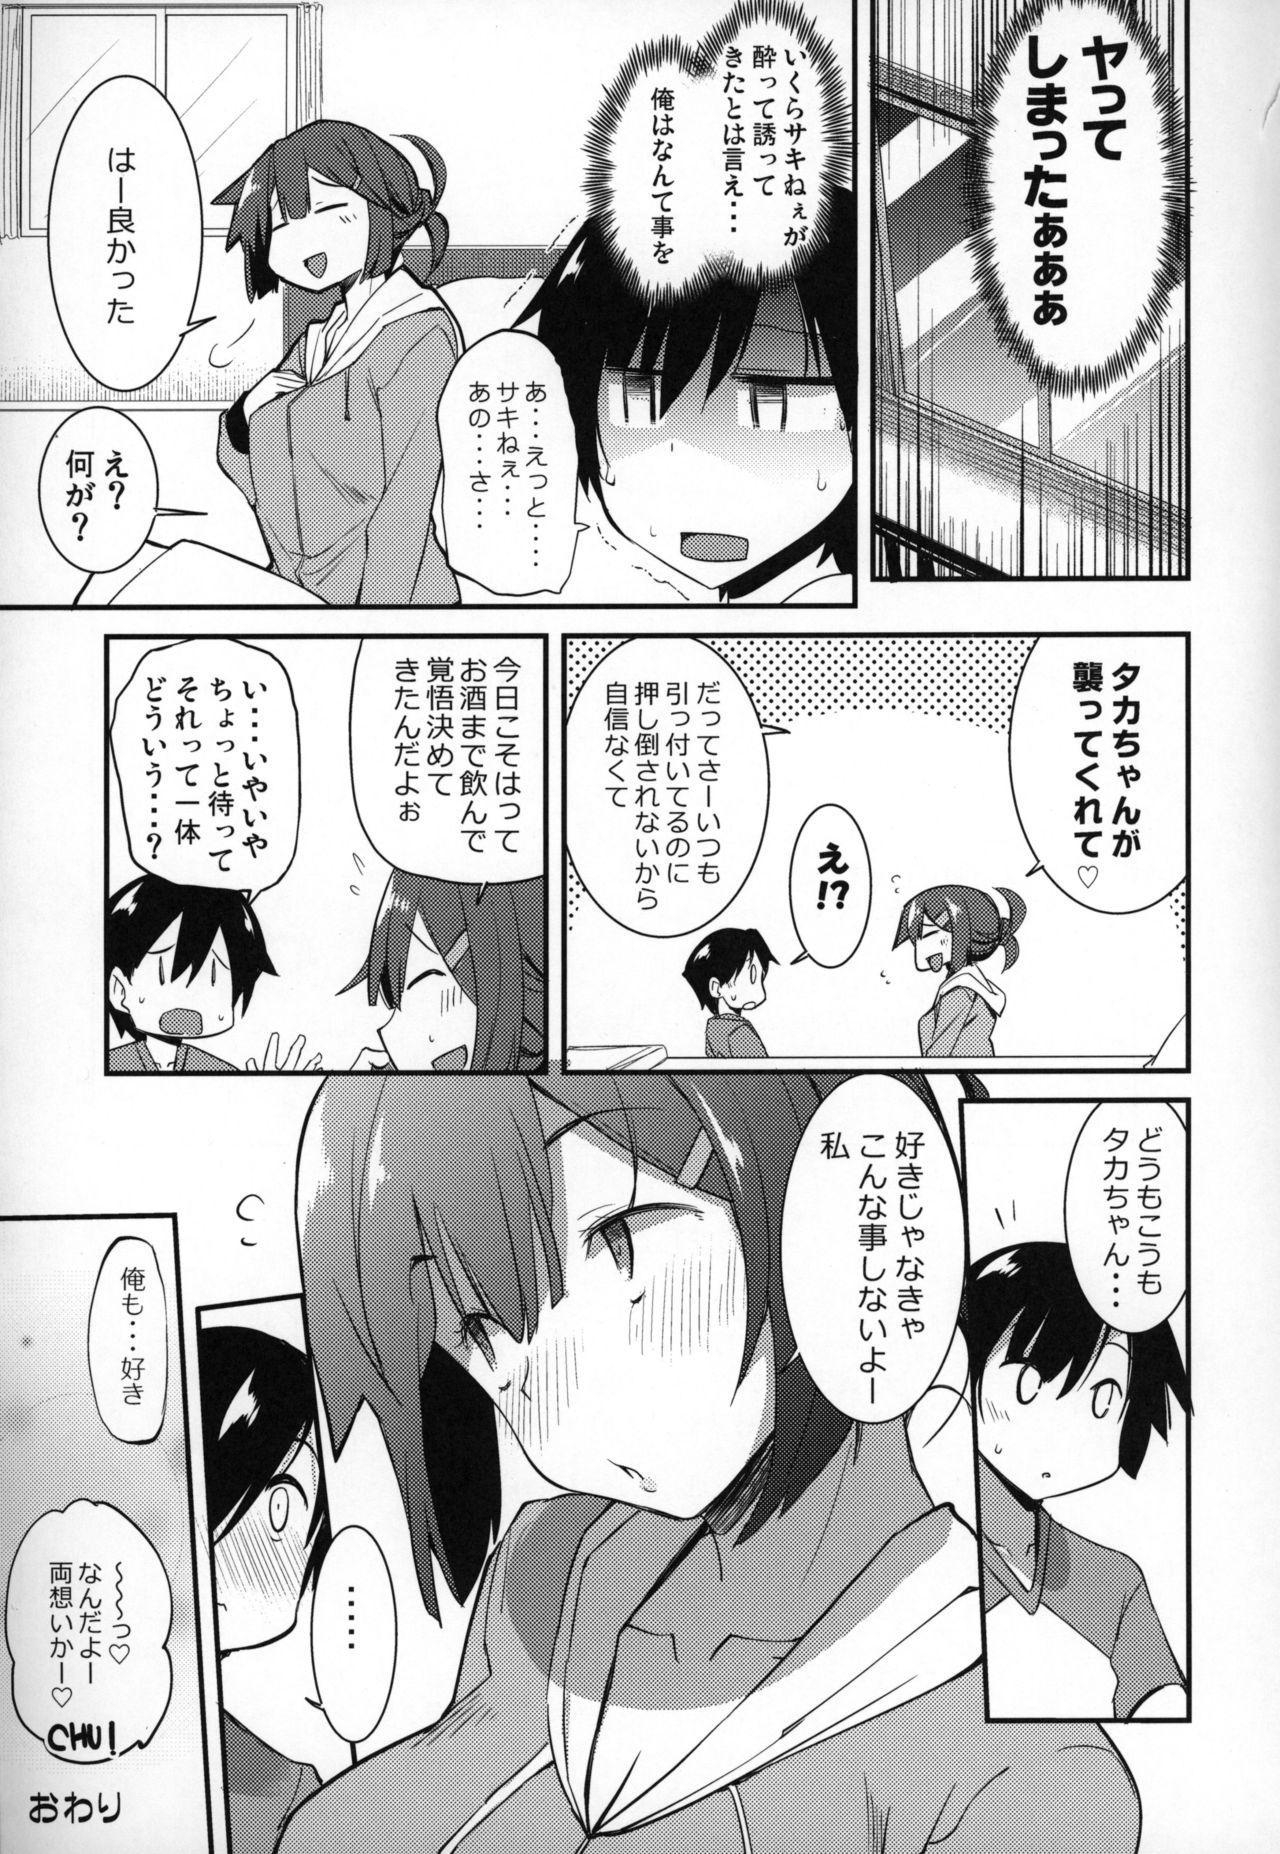 Otonari-san no Yoi no Kuchi 18